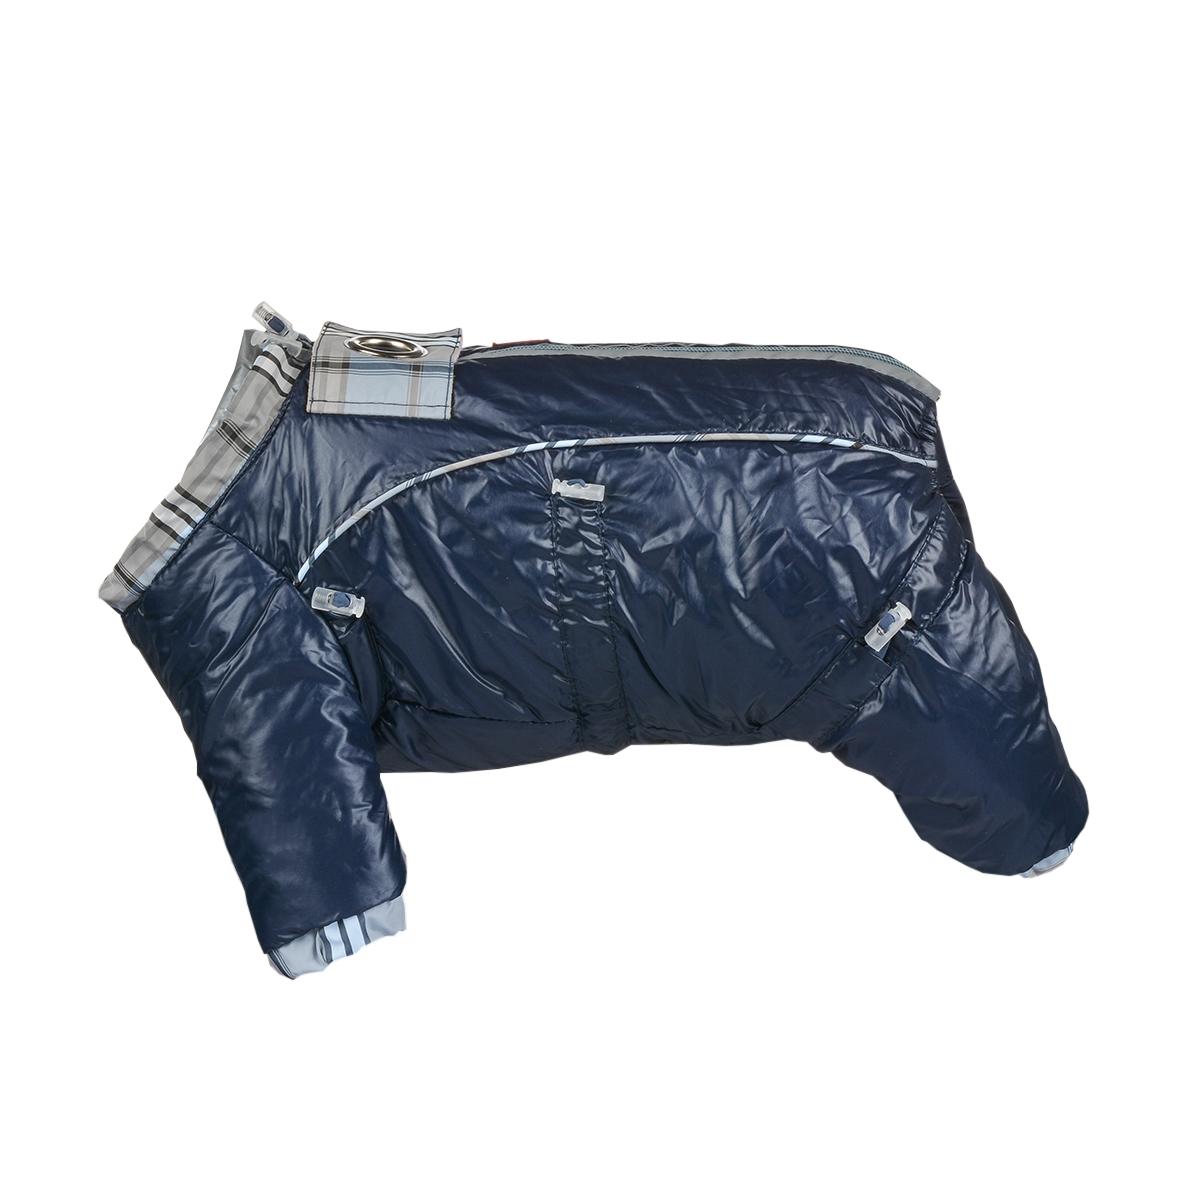 Комбинезон для собак Dogmoda Doggs, зимний, для мальчика, цвет: темно-синий. Размер M0120710Комбинезон для собак Dogmoda Doggs отлично подойдет для прогулок в зимнее время года.Комбинезон изготовлен из полиэстера, защищающего от ветра и снега, с утеплителем из синтепона, который сохранит тепло даже в сильные морозы, а на подкладке используется искусственный мех, который обеспечивает отличный воздухообмен. Комбинезон застегивается на молнию и липучку, благодаря чему его легко надевать и снимать. Молния снабжена светоотражающими элементами. Низ рукавов и брючин оснащен внутренними резинками, которые мягко обхватывают лапки, не позволяя просачиваться холодному воздуху. На вороте, пояснице и лапках комбинезон затягивается на шнурок-кулиску с затяжкой. Модель снабжена непромокаемым карманом для размещения записки с информацией о вашем питомце, на случай если он потеряется.Благодаря такому комбинезону простуда не грозит вашему питомцу и он не даст любимцу продрогнуть на прогулке.